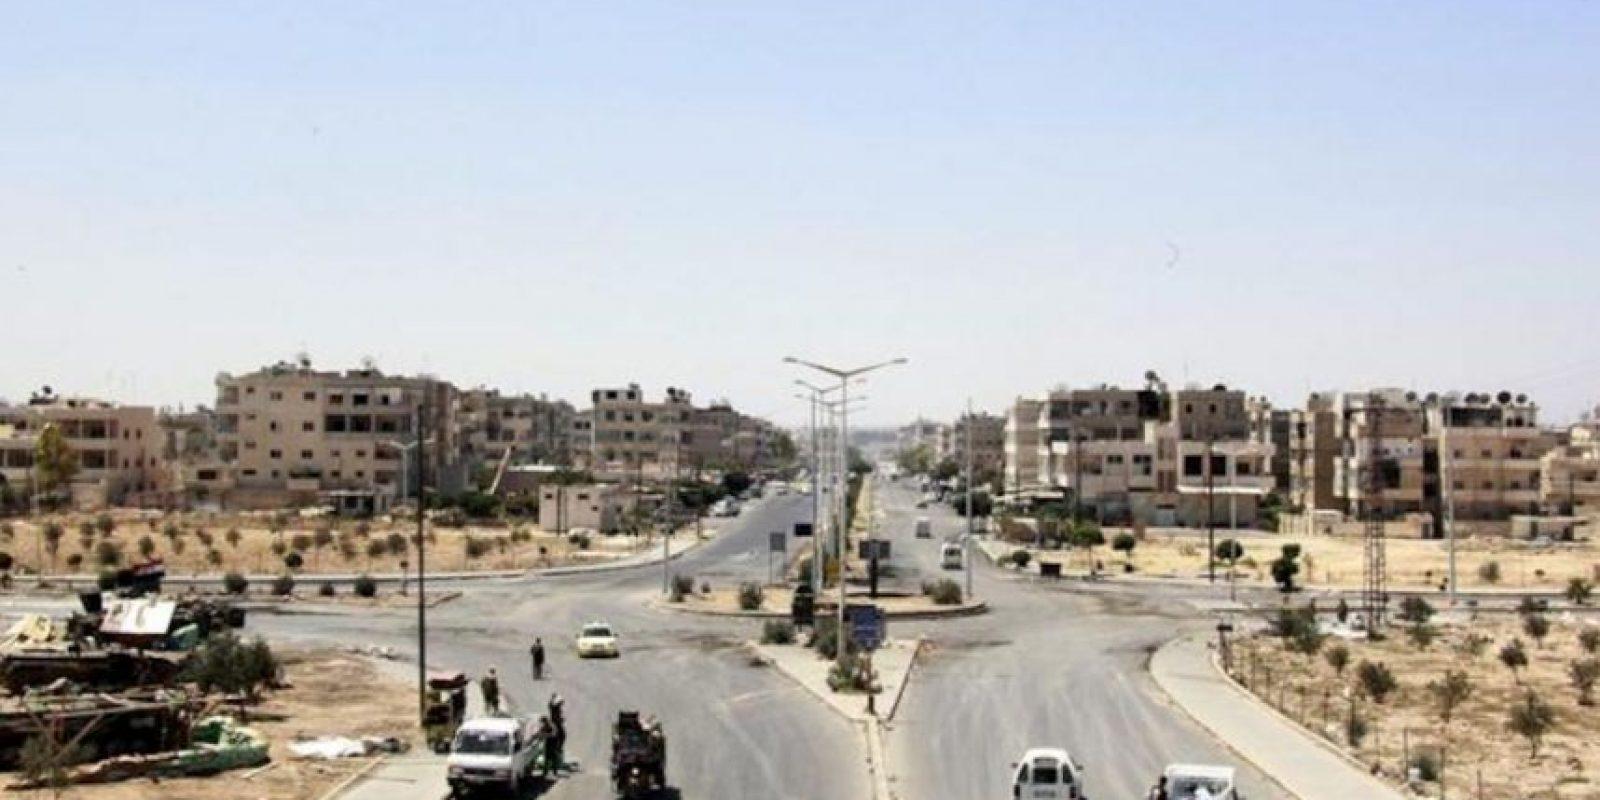 Al menos una docena personas murieron hoy en un bombardeo de las fuerzas del régimen sirio contra un barrio de la ciudad central de Hama, que causó además la destrucción de más de una veintena de viviendas, denunciaron grupos opositores. EFE/Archivo